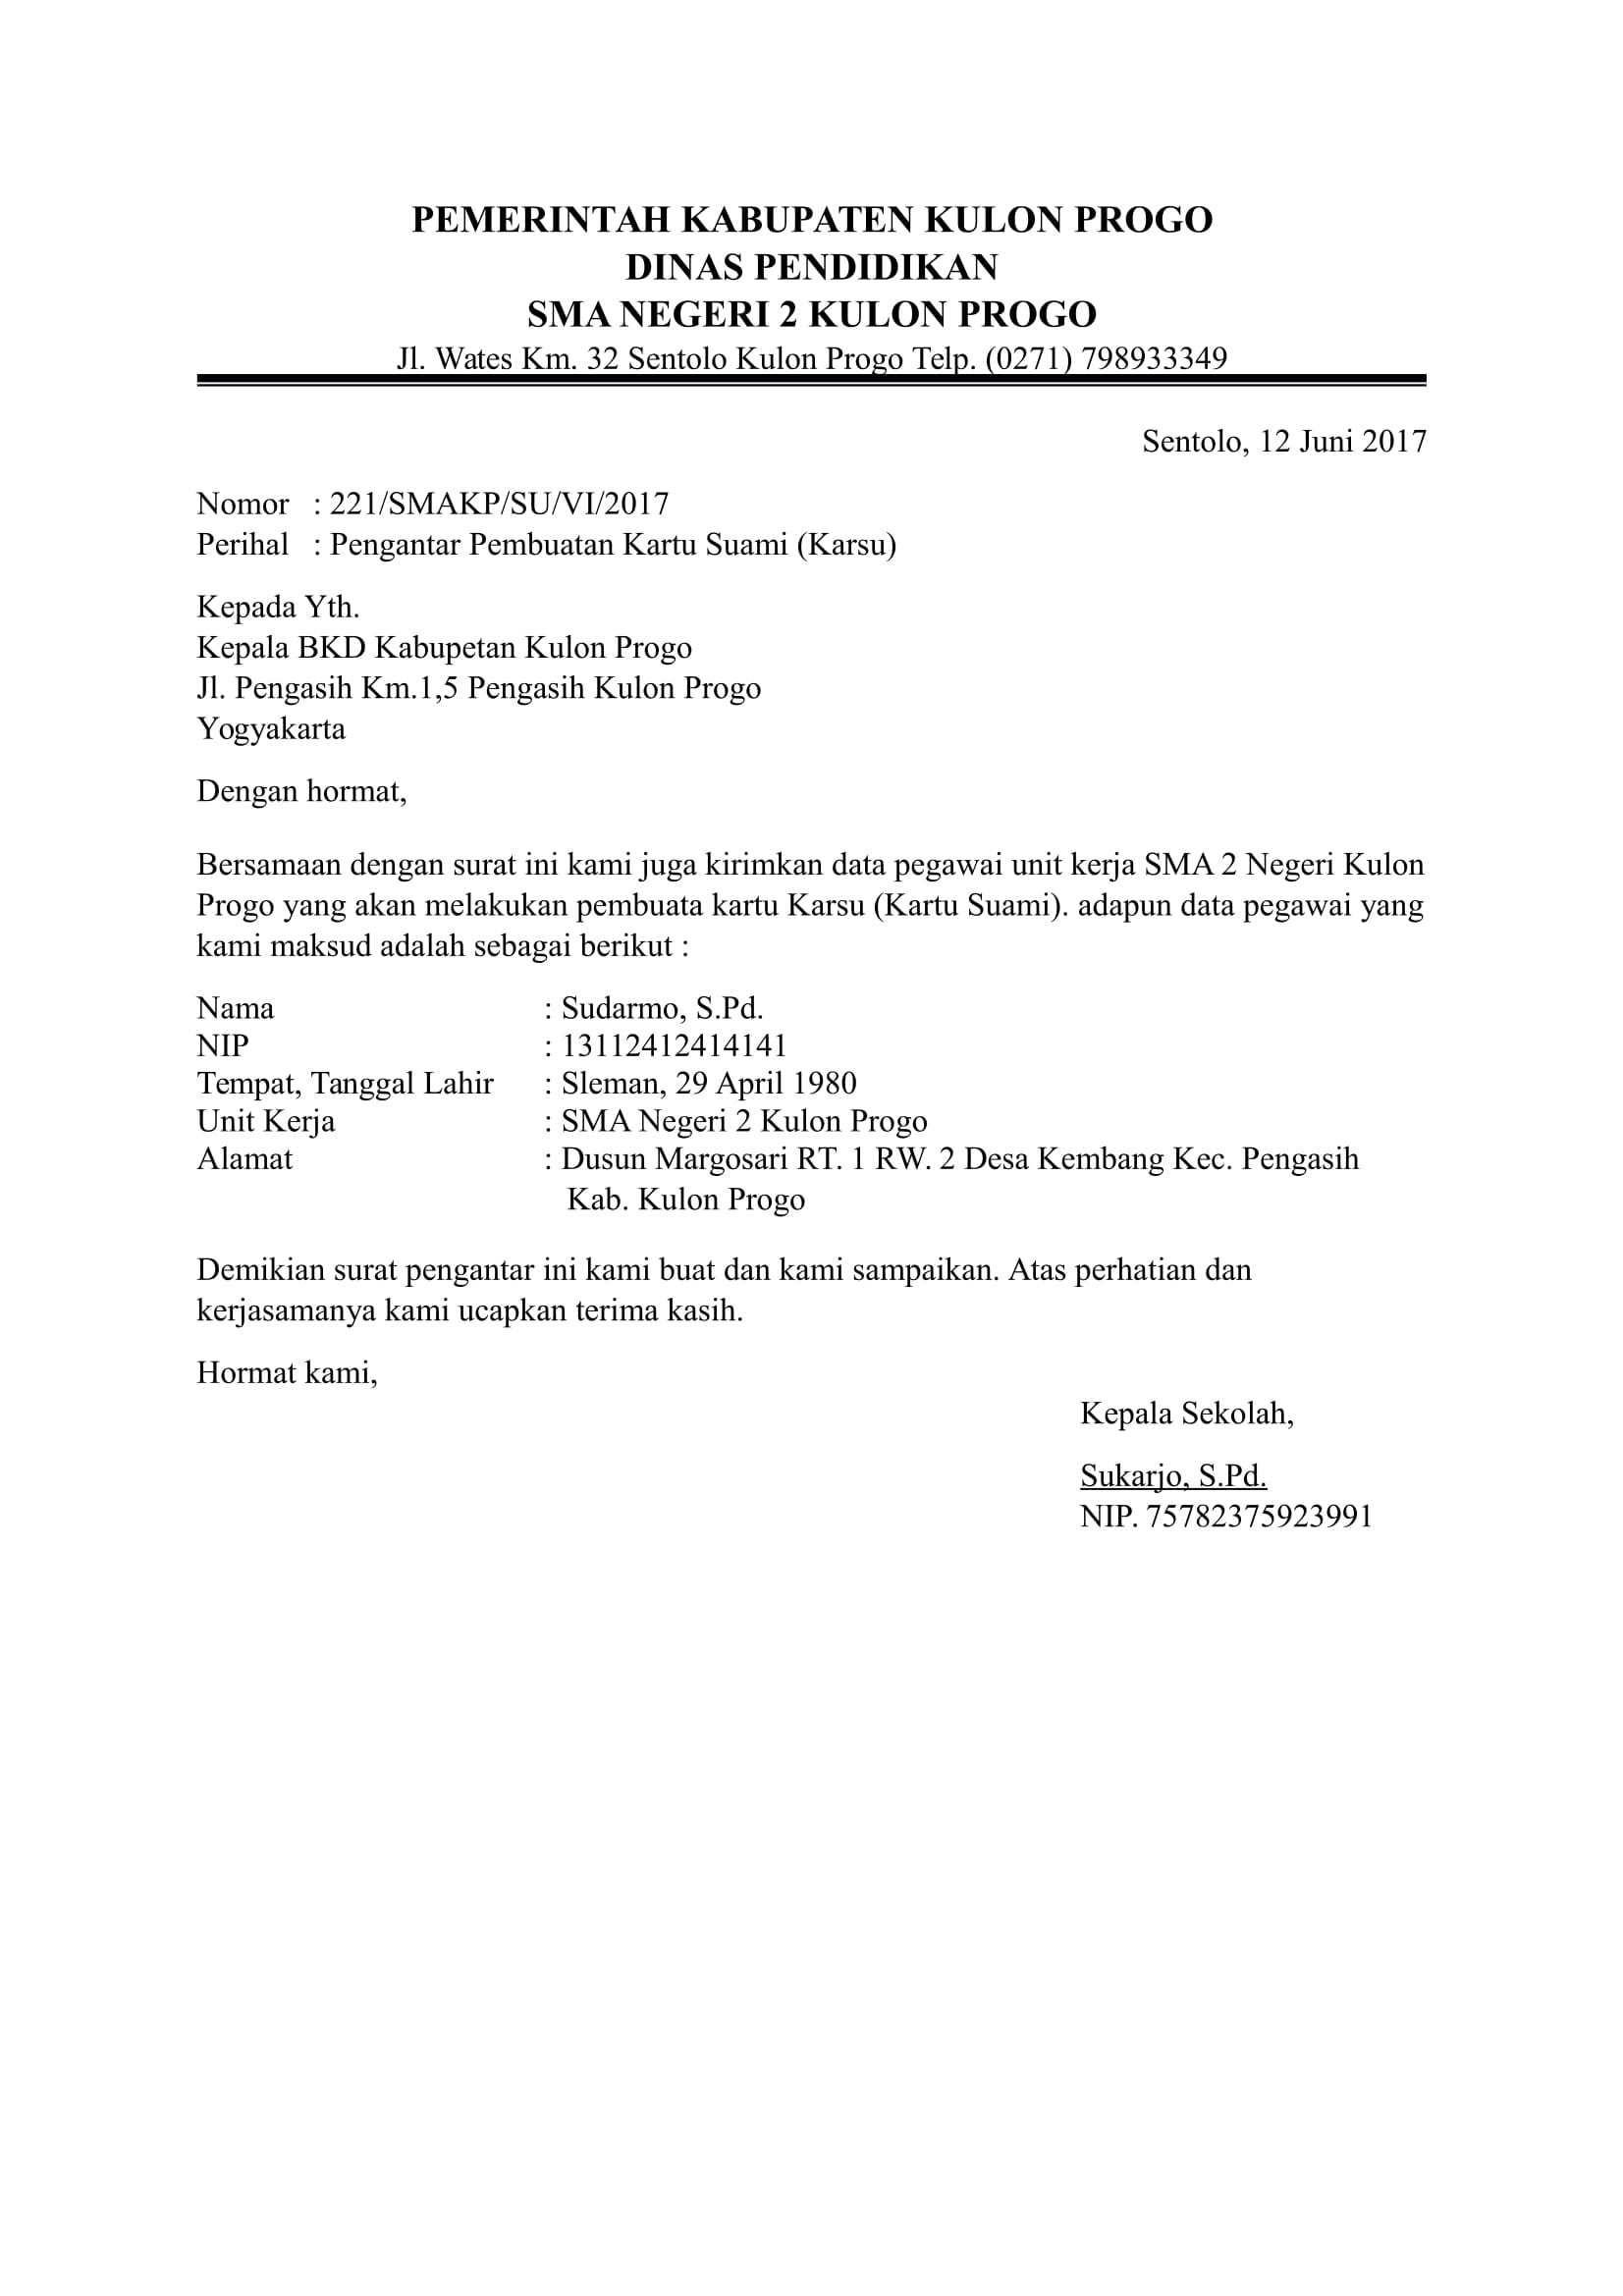 Surat Undangan Resmi Untuk Kepala Sekolah Dalam Bahasa Inggris